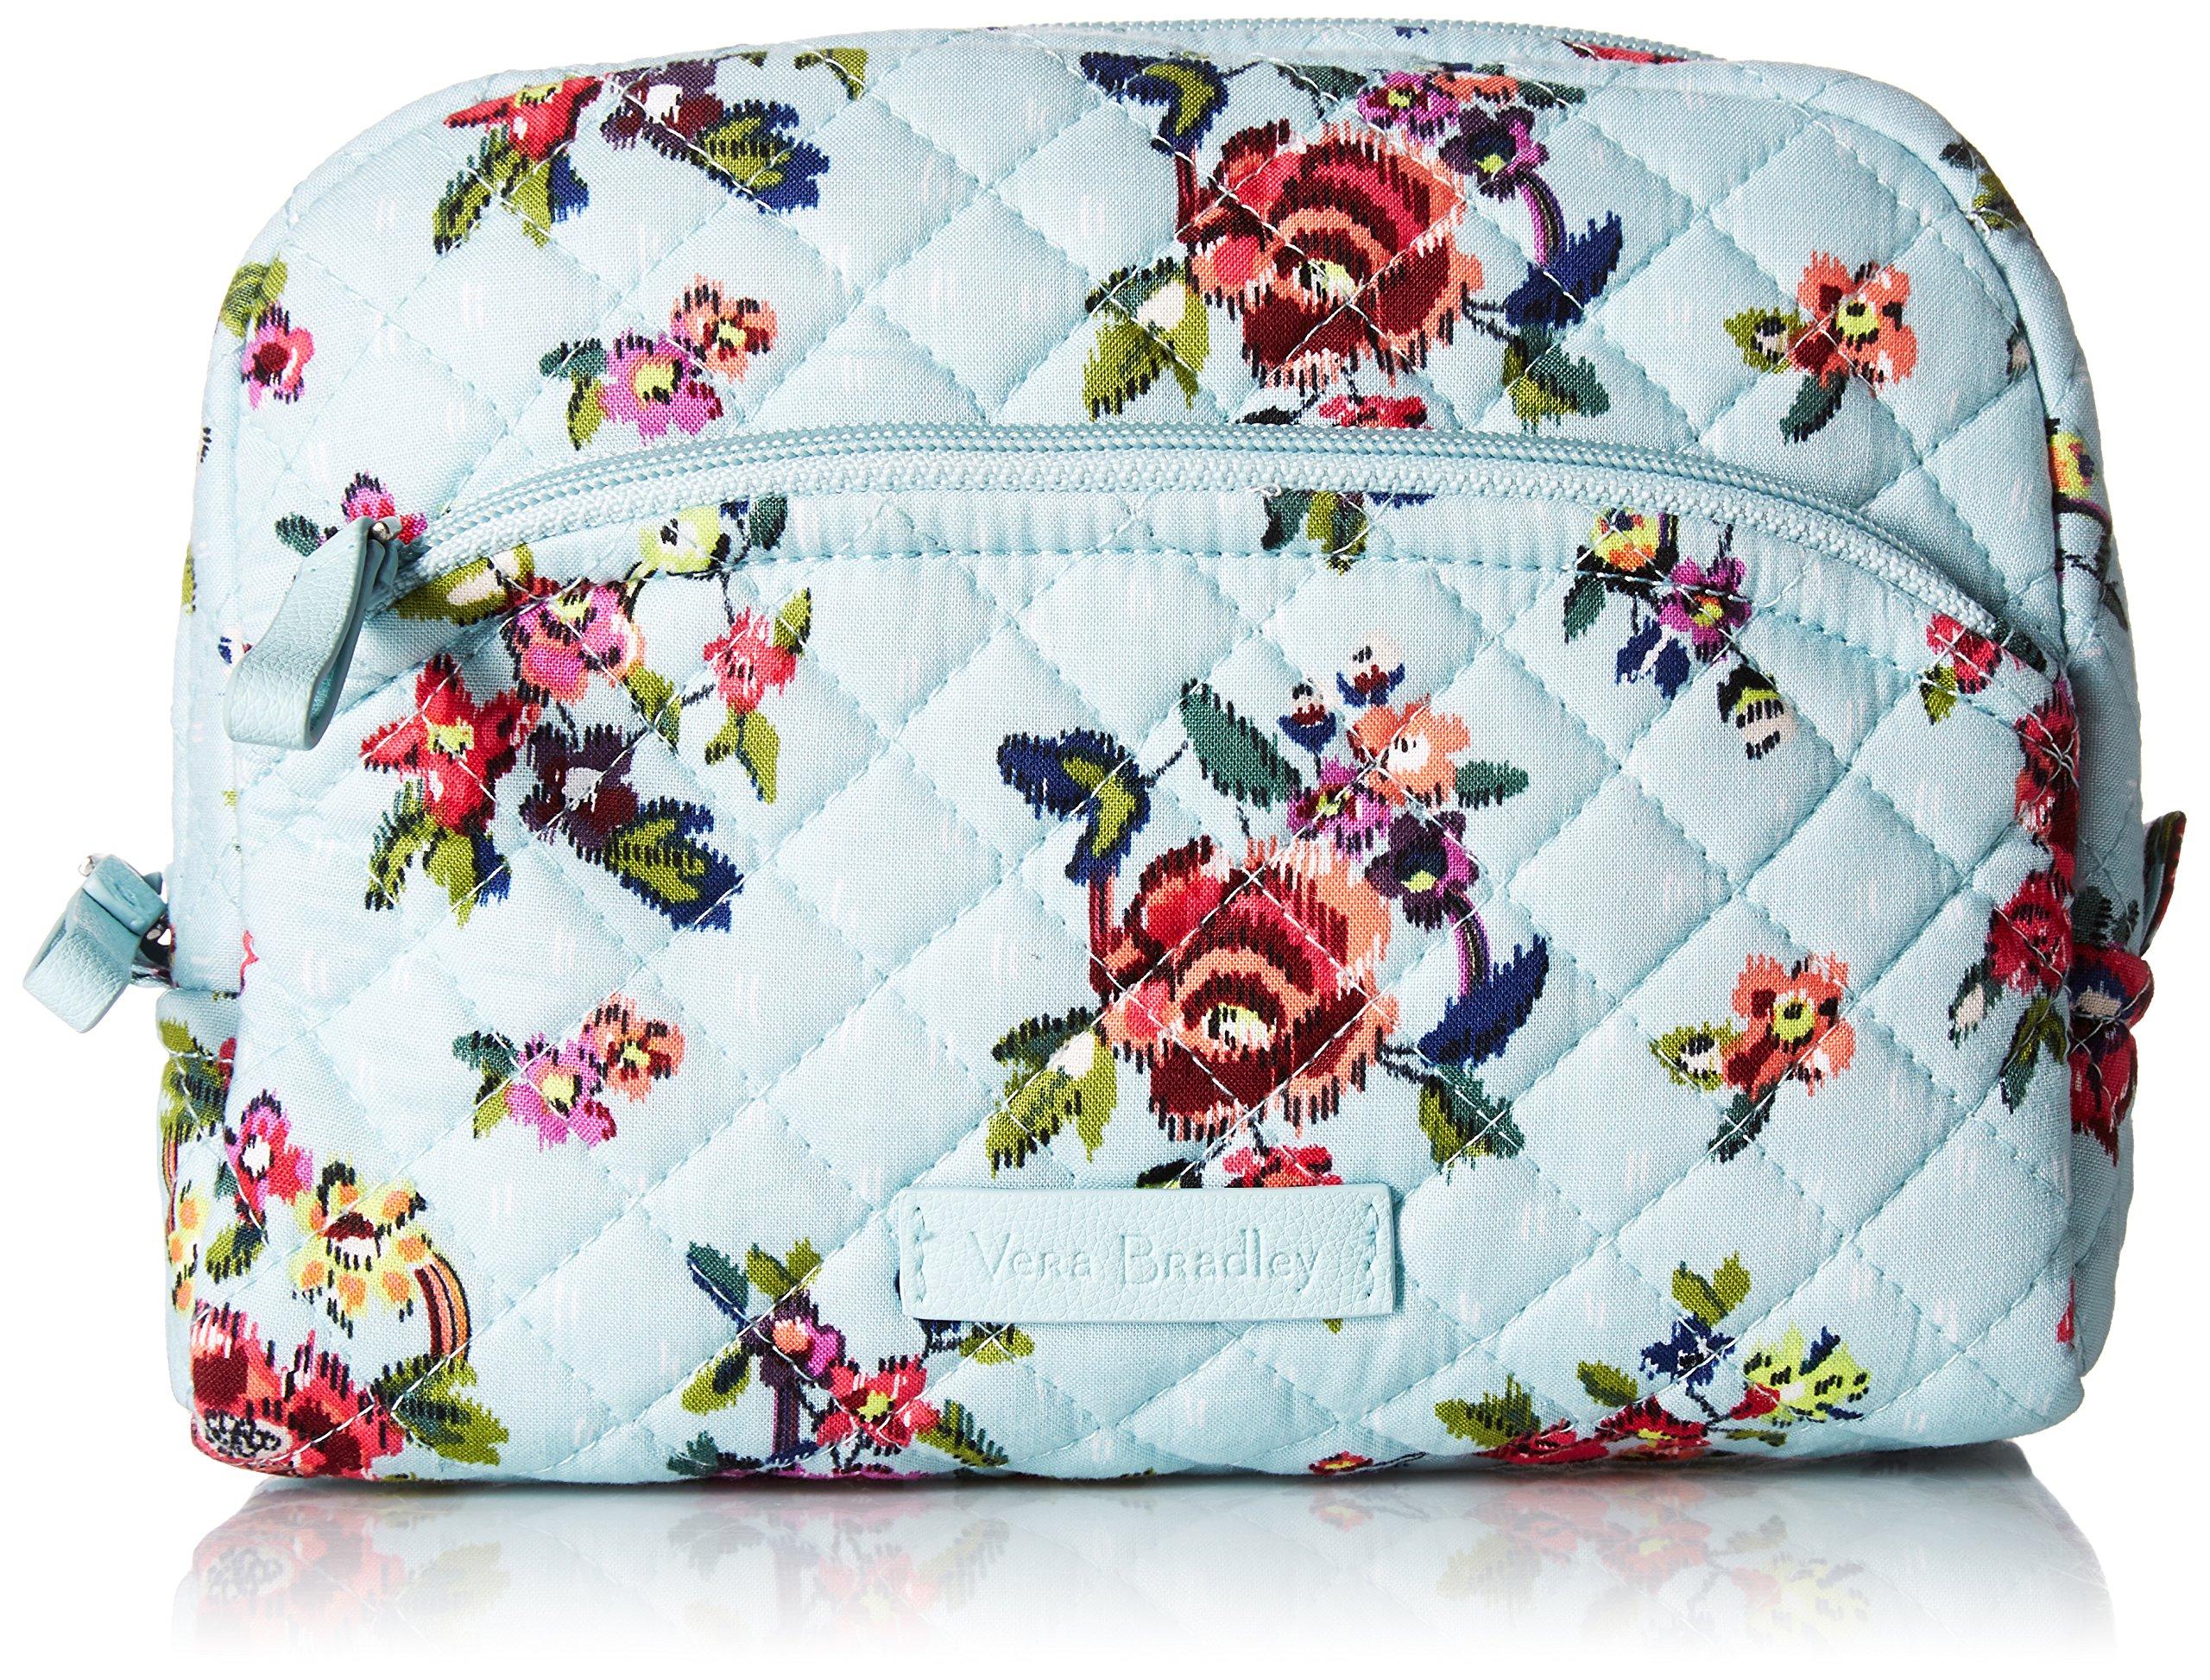 Vera Bradley Iconic Medium Cosmetic, Signature Cotton, Water Bouquet